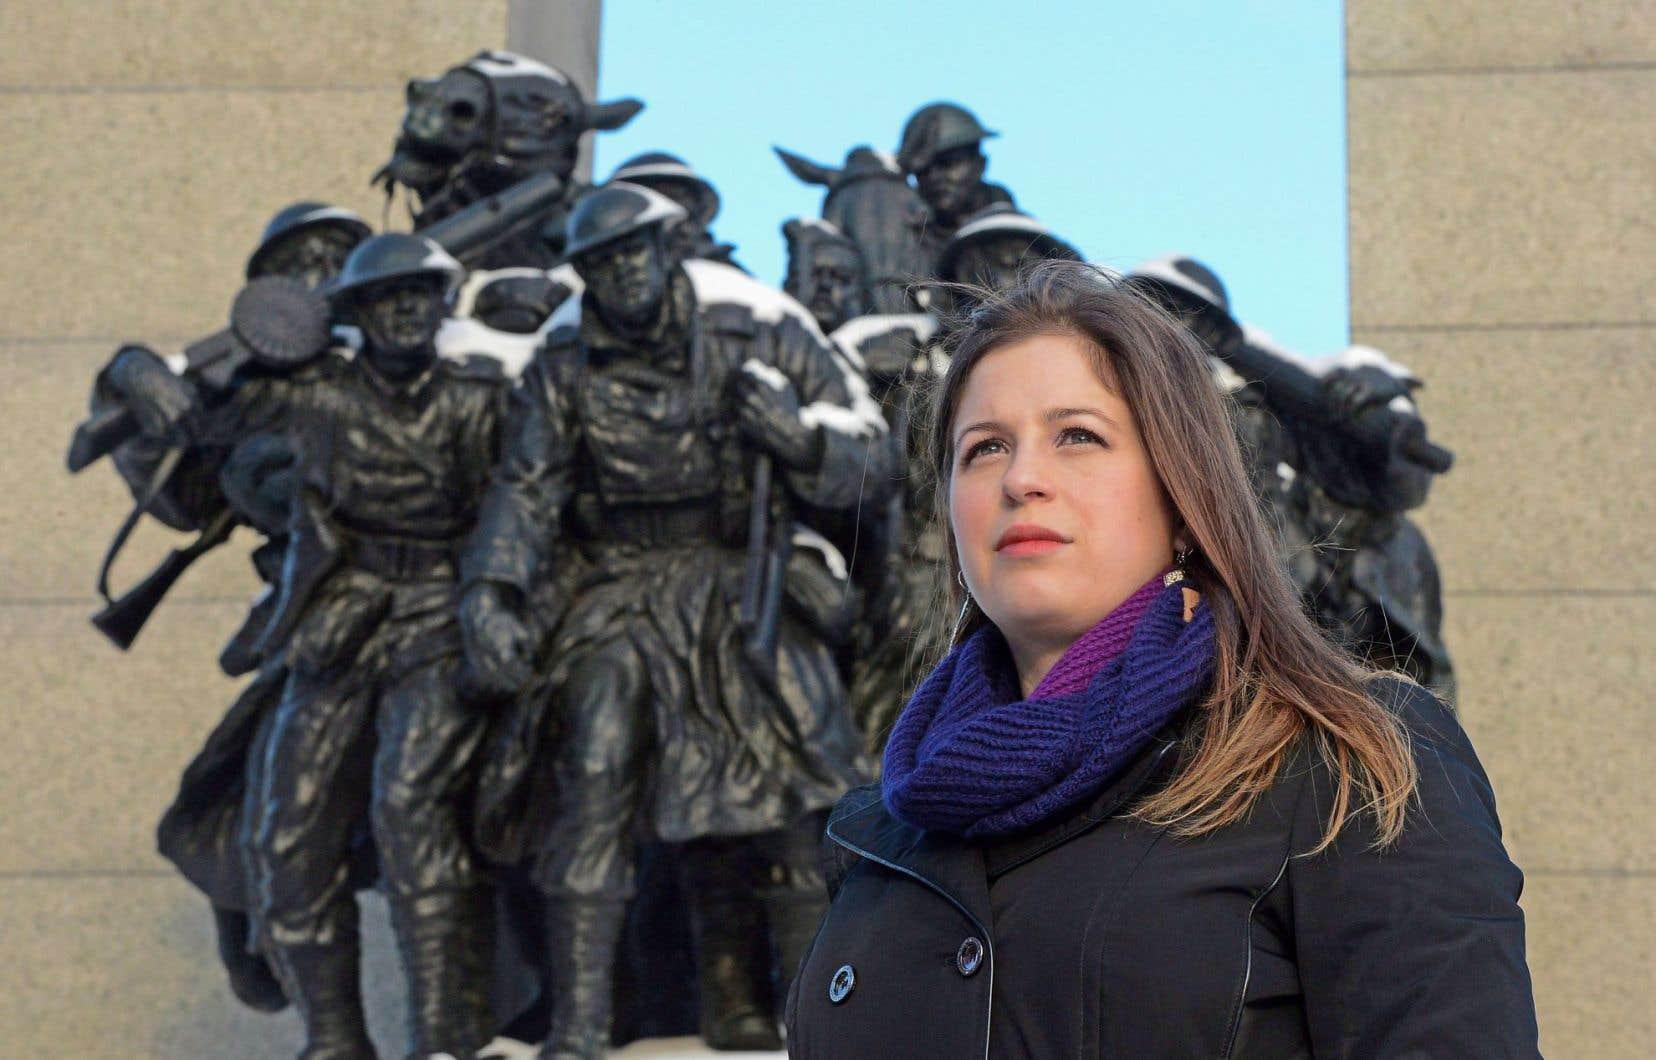 Sarah Lockyer est la coordinatrice de l'identification des pertes militaires du ministère de la Défense. Tous les ans, des restes de certains des 28000 Canadiens disparus au cours des deux guerres mondiales sont retrouvés sur les anciens champs de bataille.